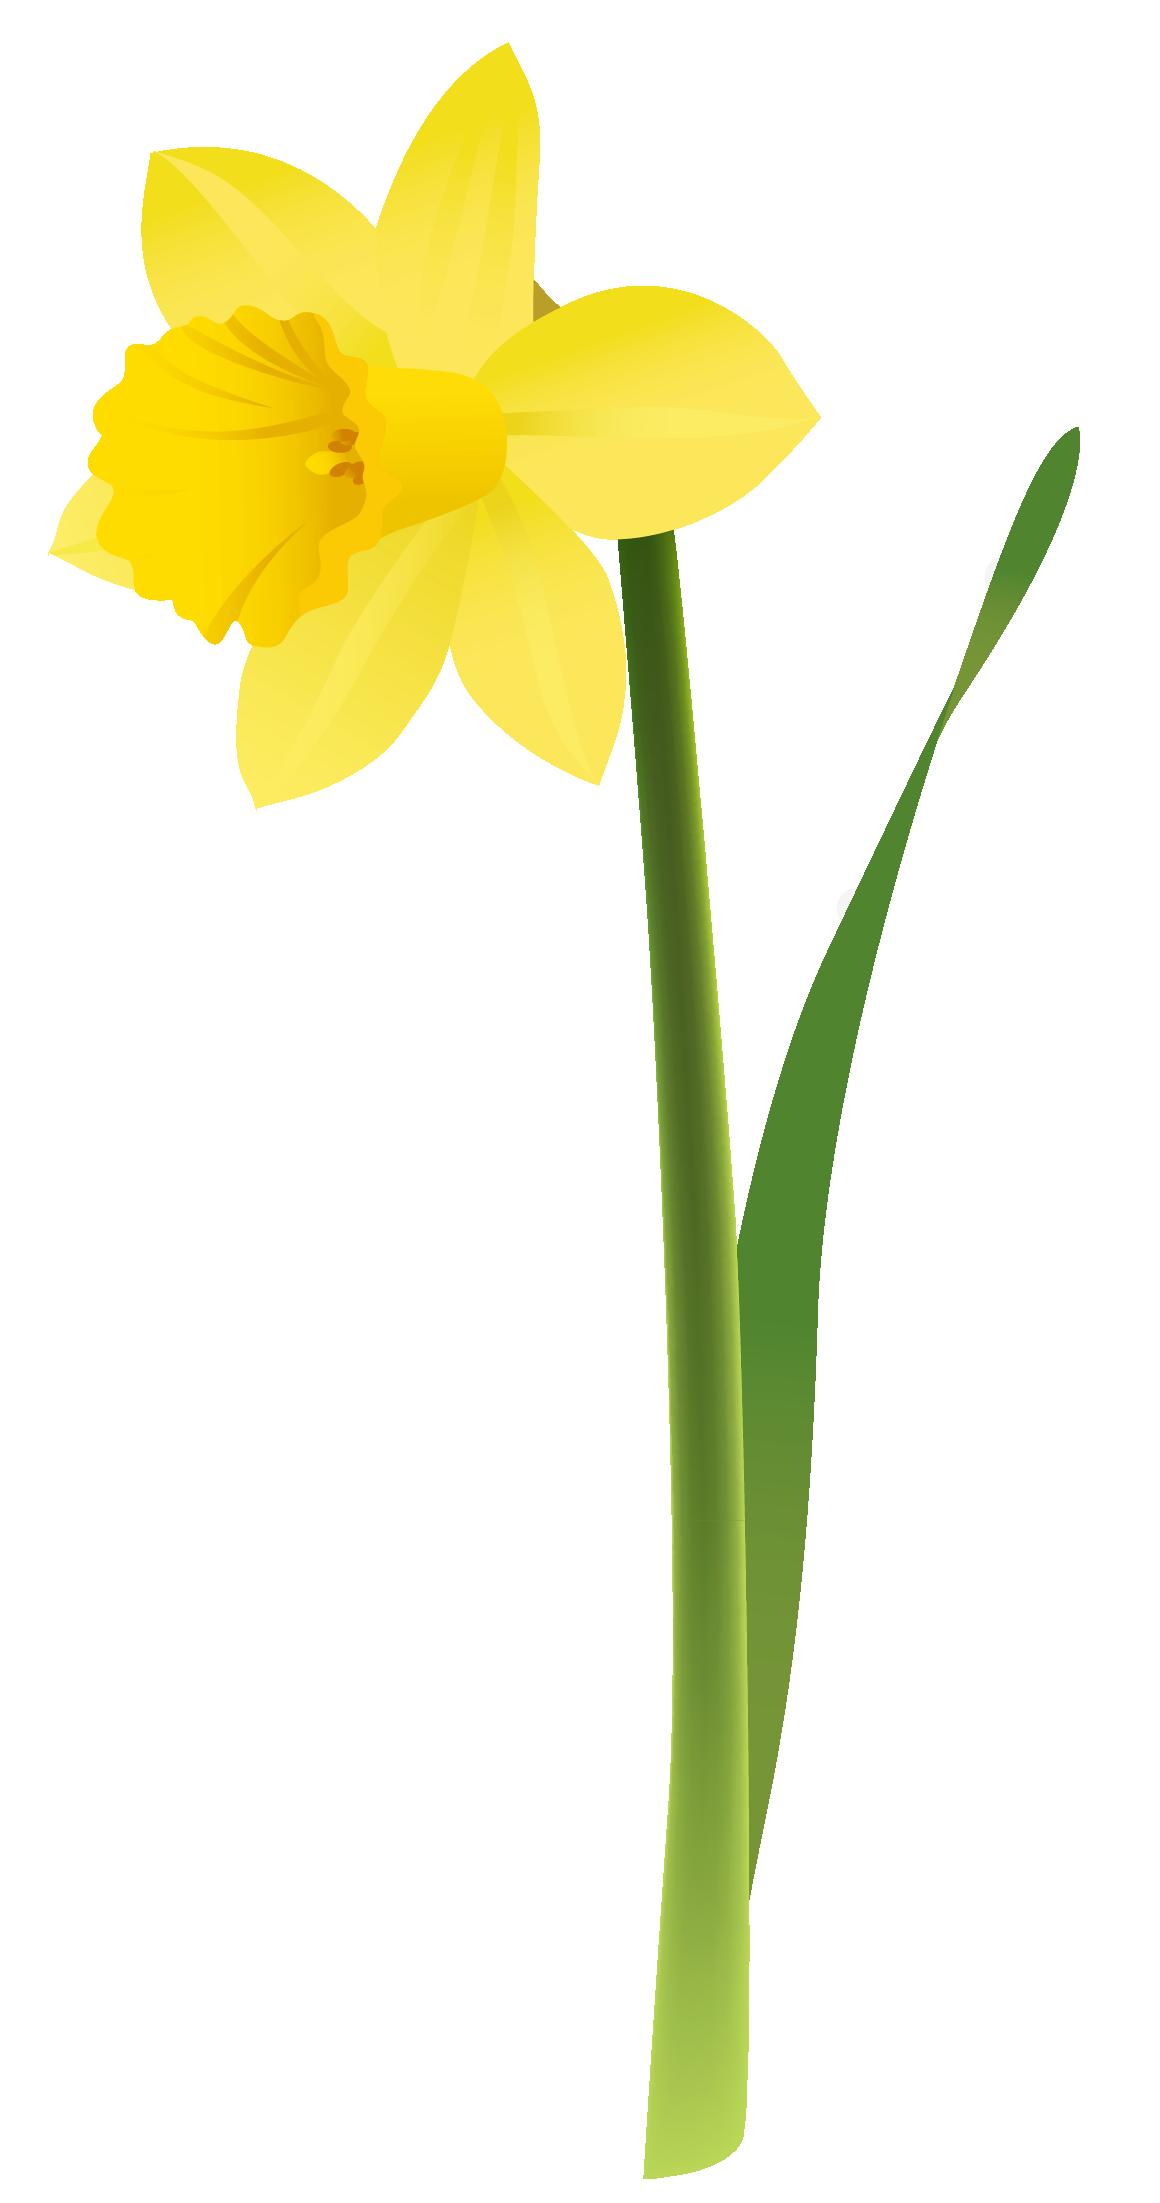 1160x2203 Yellow Daffodils Clipart Gratitude Daffodils, Clip